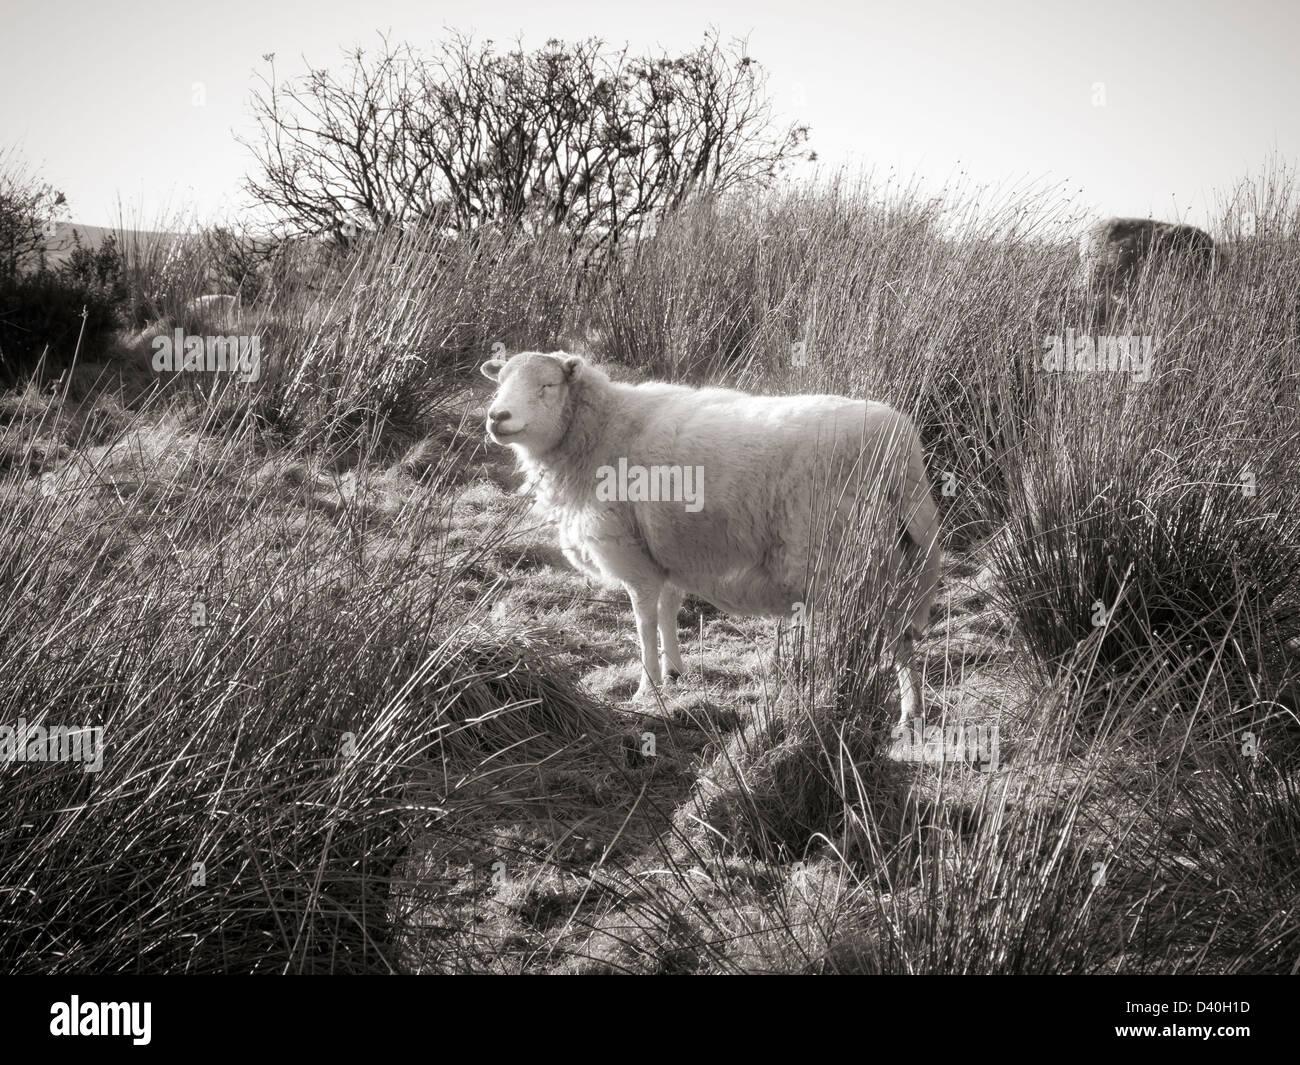 Monochromes Bild eines Schafes beleuchtet zurück stehen auf unebenem Gelände mit Gras- und Ginster Stockbild